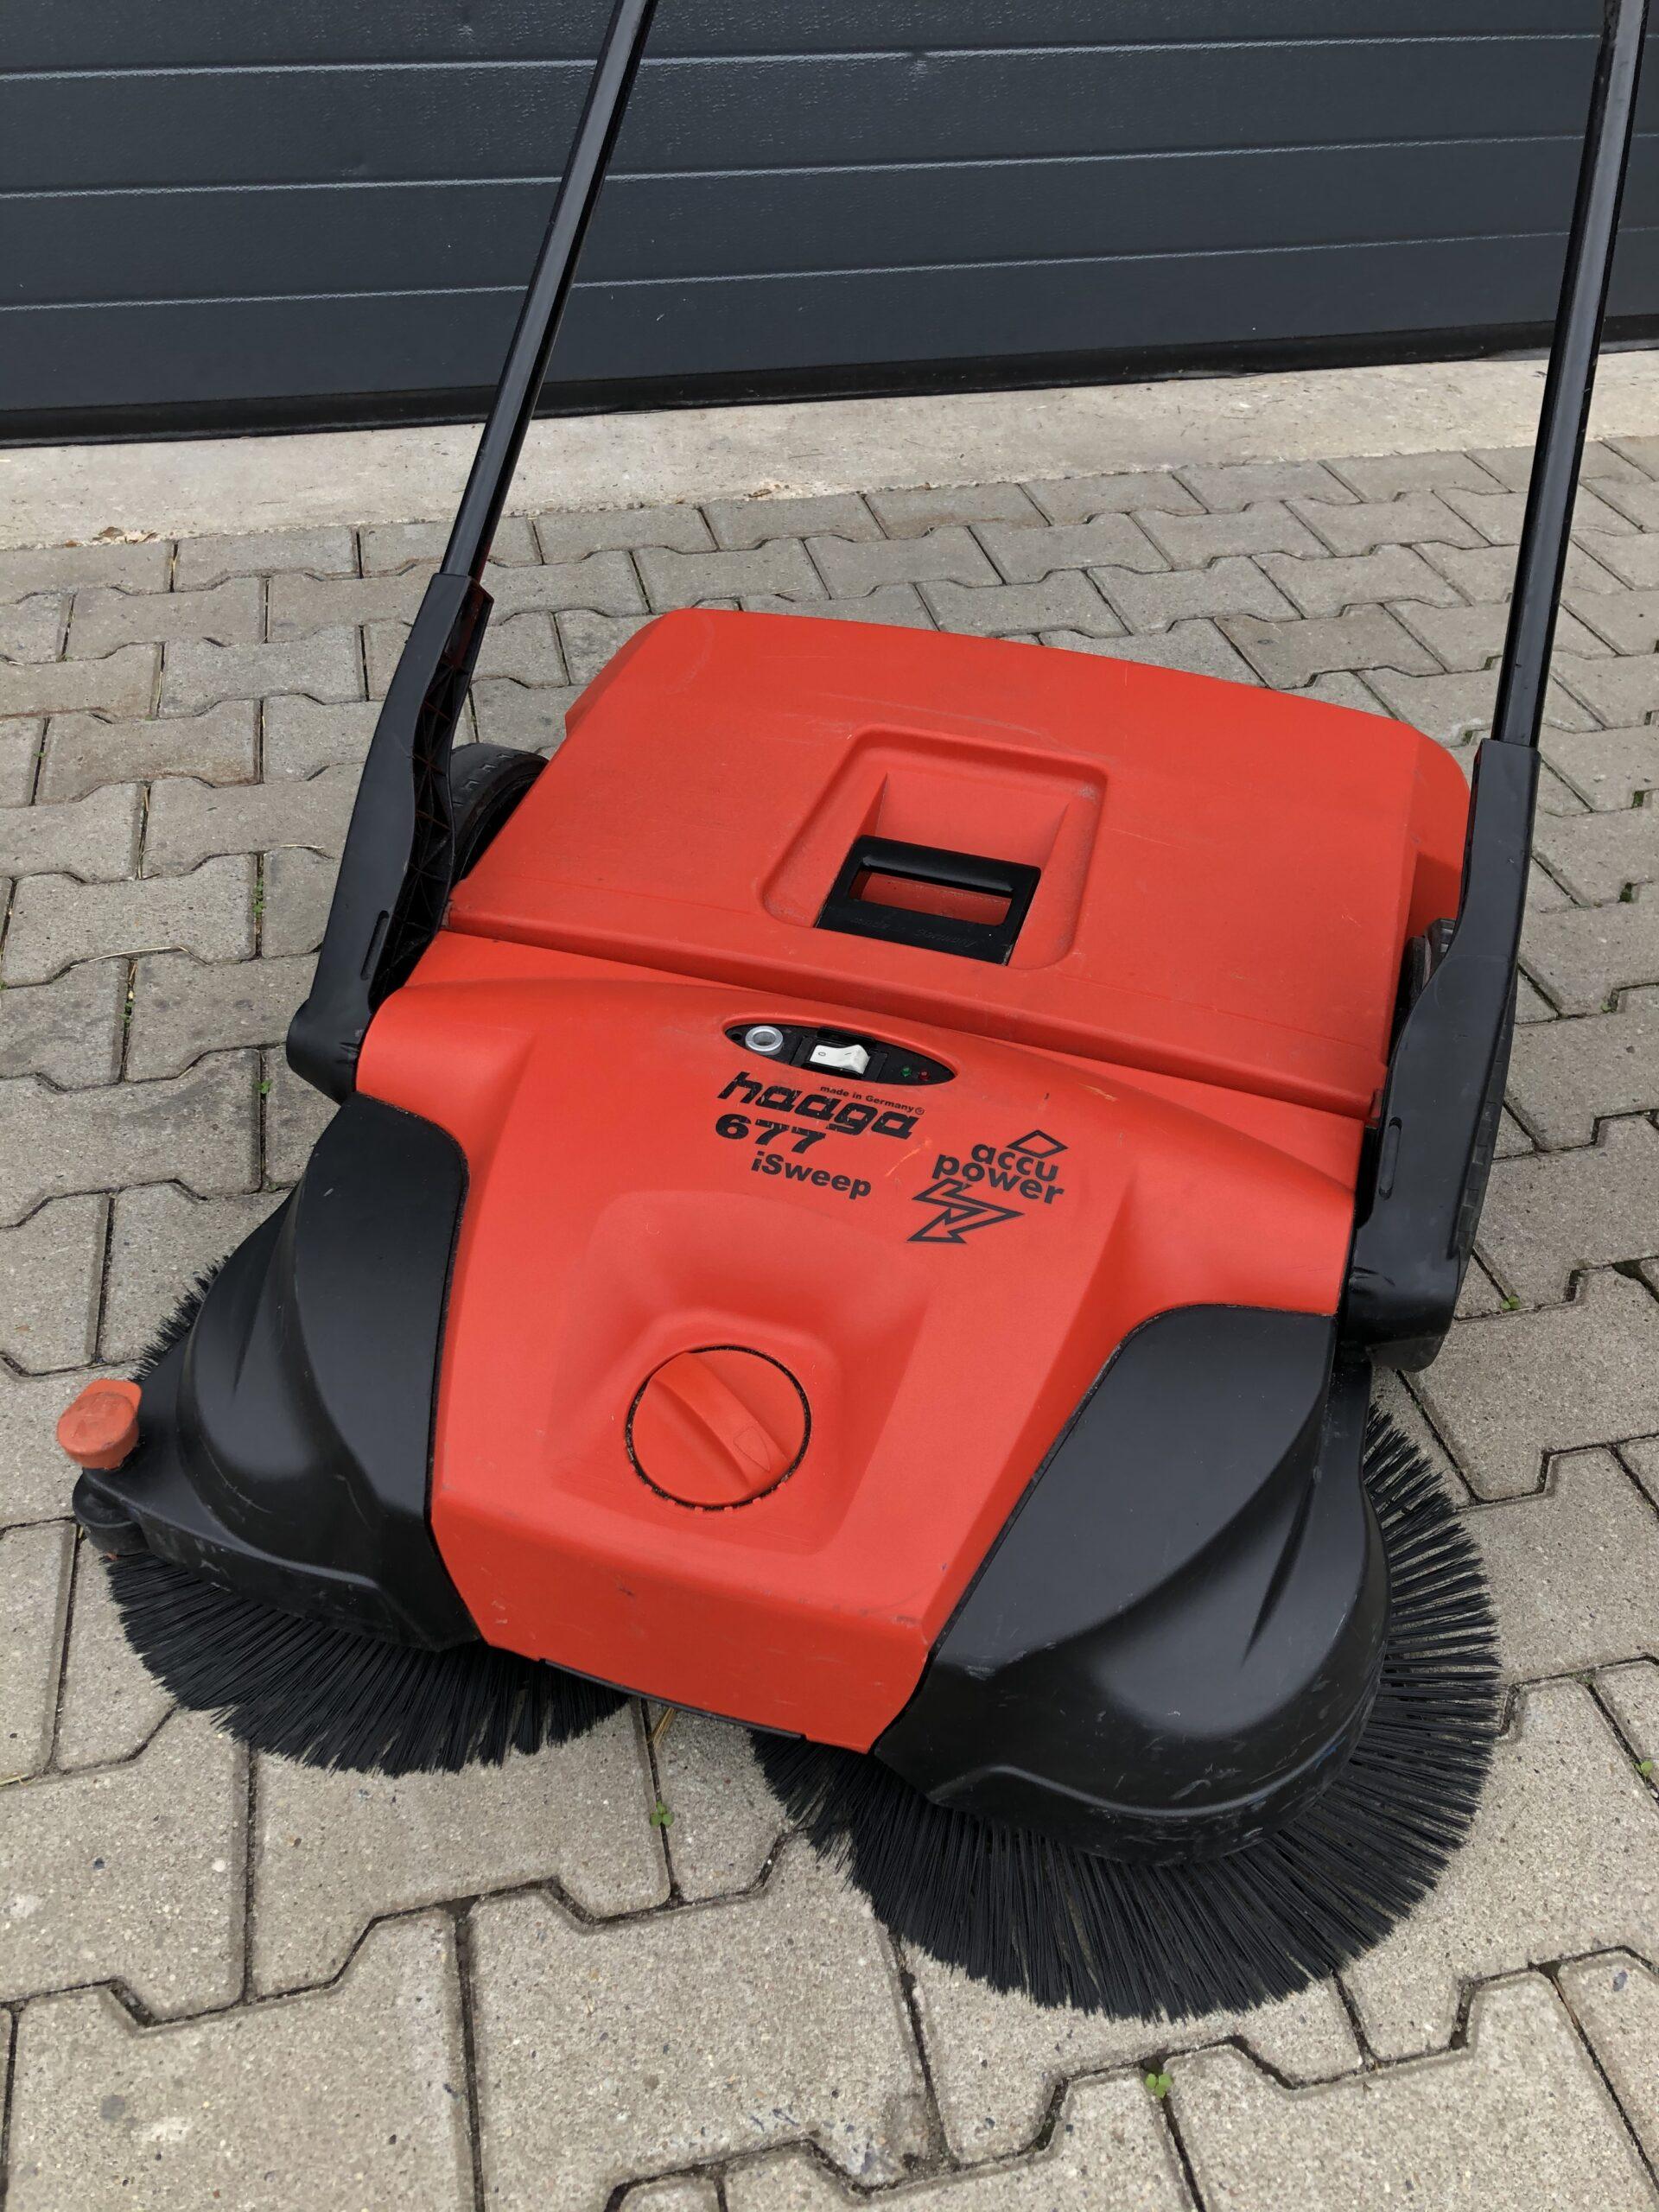 Haaga veegmachine op tegels